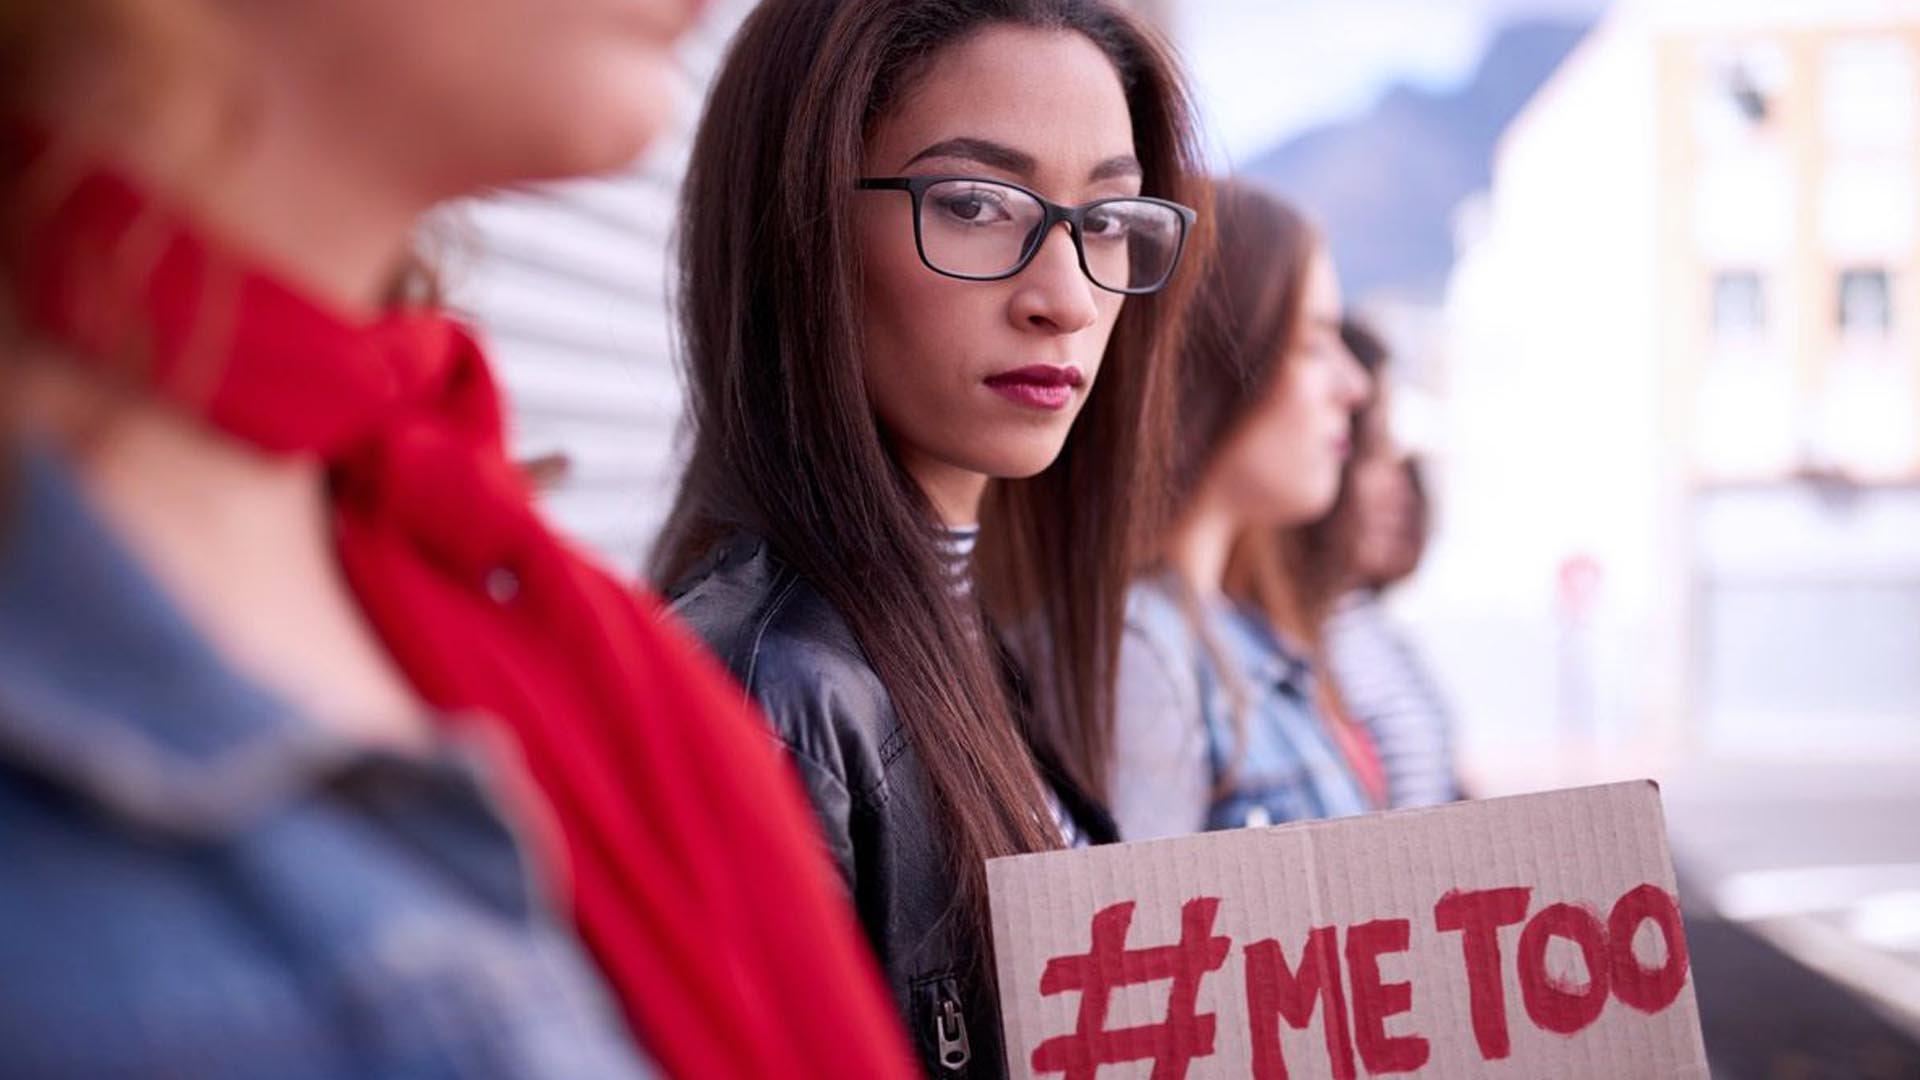 Le donne del #MeToo non sono vittime ma ribelli